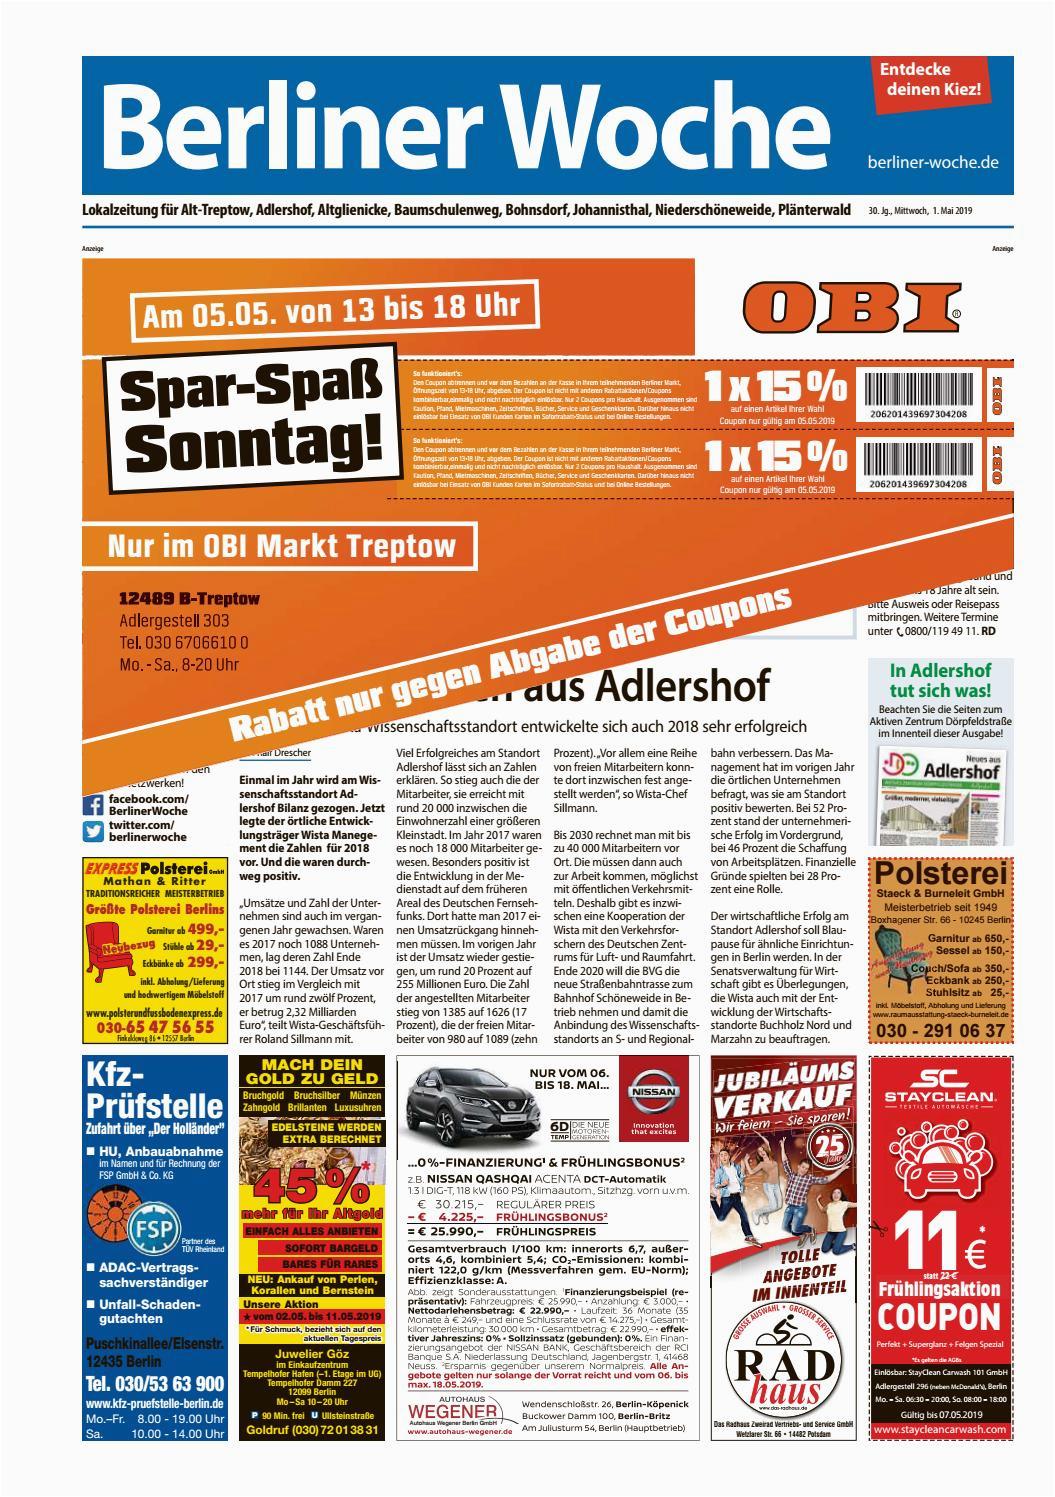 Bad Und Küchenfarbe Obi L13 Treptow by Berliner Woche issuu